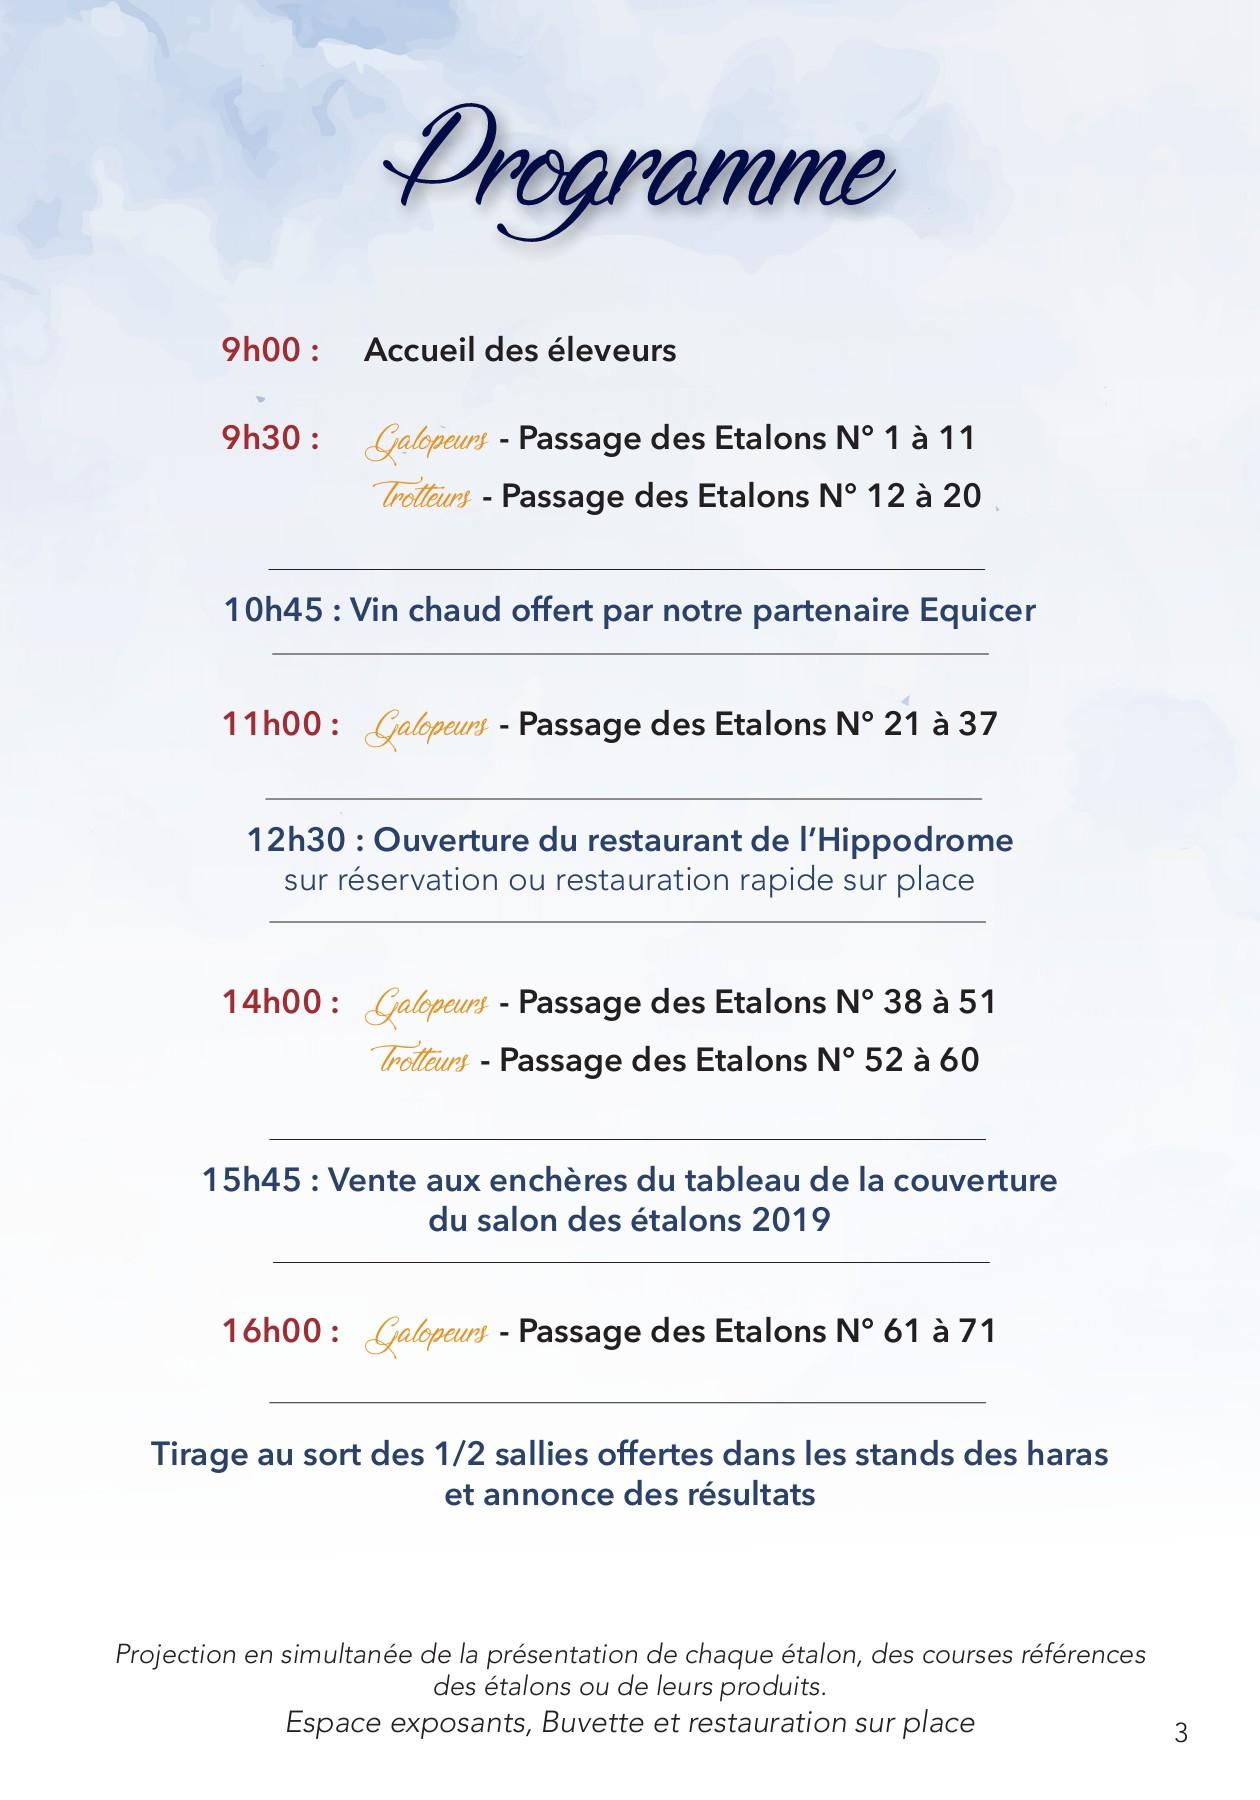 Vente Flash Salon De Jardin Nouveau Catalogue Salon Des étalons 2019 P1 Pages 1 50 Text Of 40 Inspirant Vente Flash Salon De Jardin